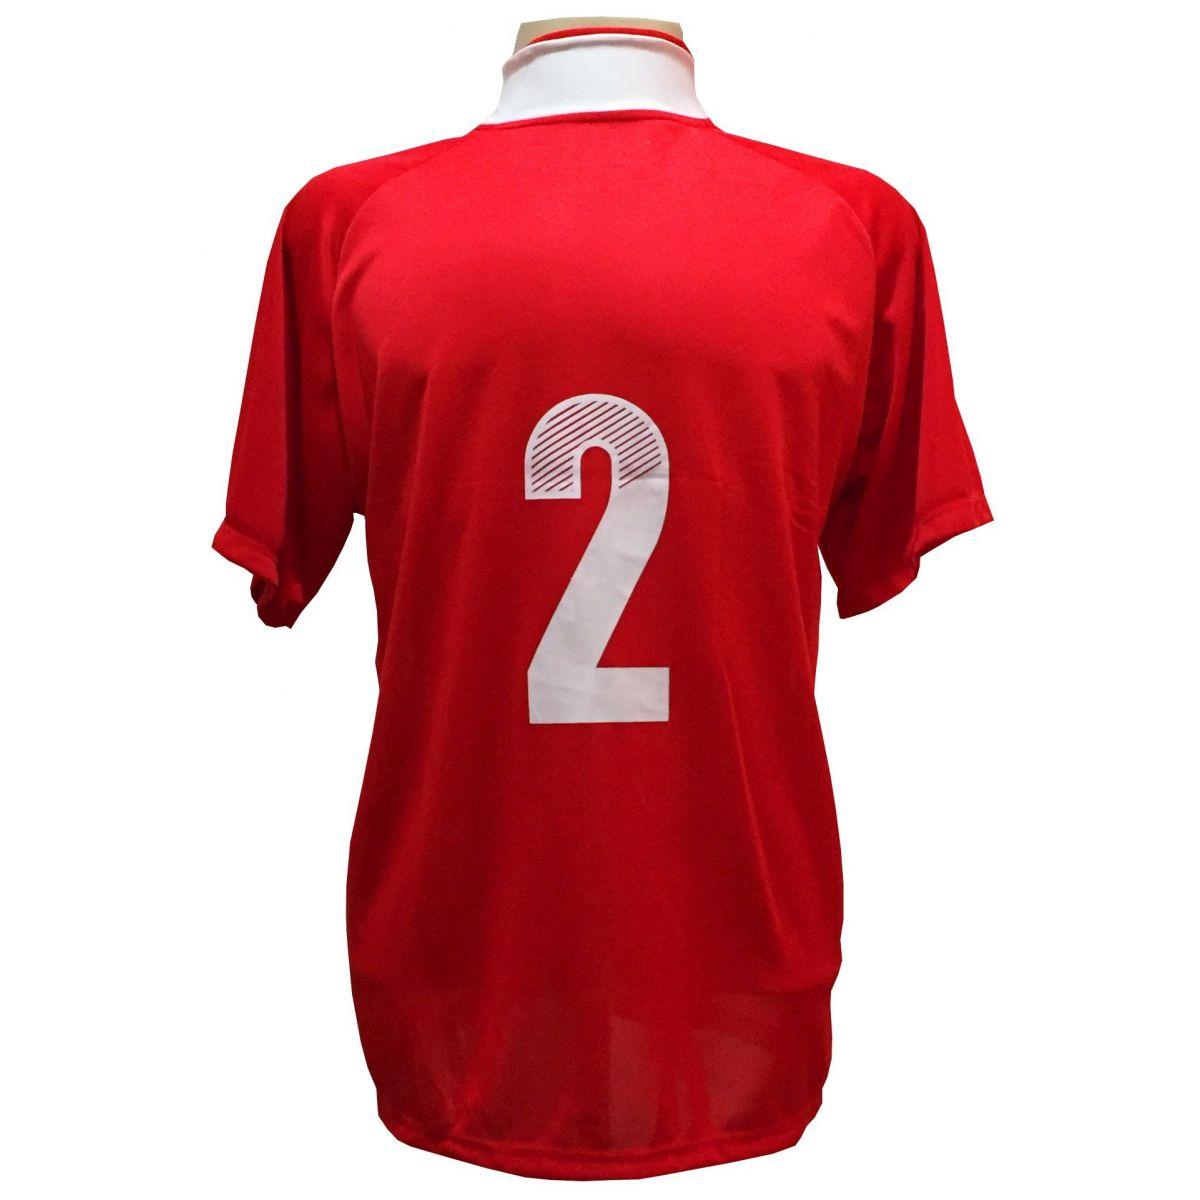 Fardamento Completo modelo Milan 18+1 (18 Camisas Vermelho/Branco + 18 Calções Copa Vermelho/Branco + 18 Pares de Meiões Brancos + 1 Conjunto de Goleiro) + Brindes